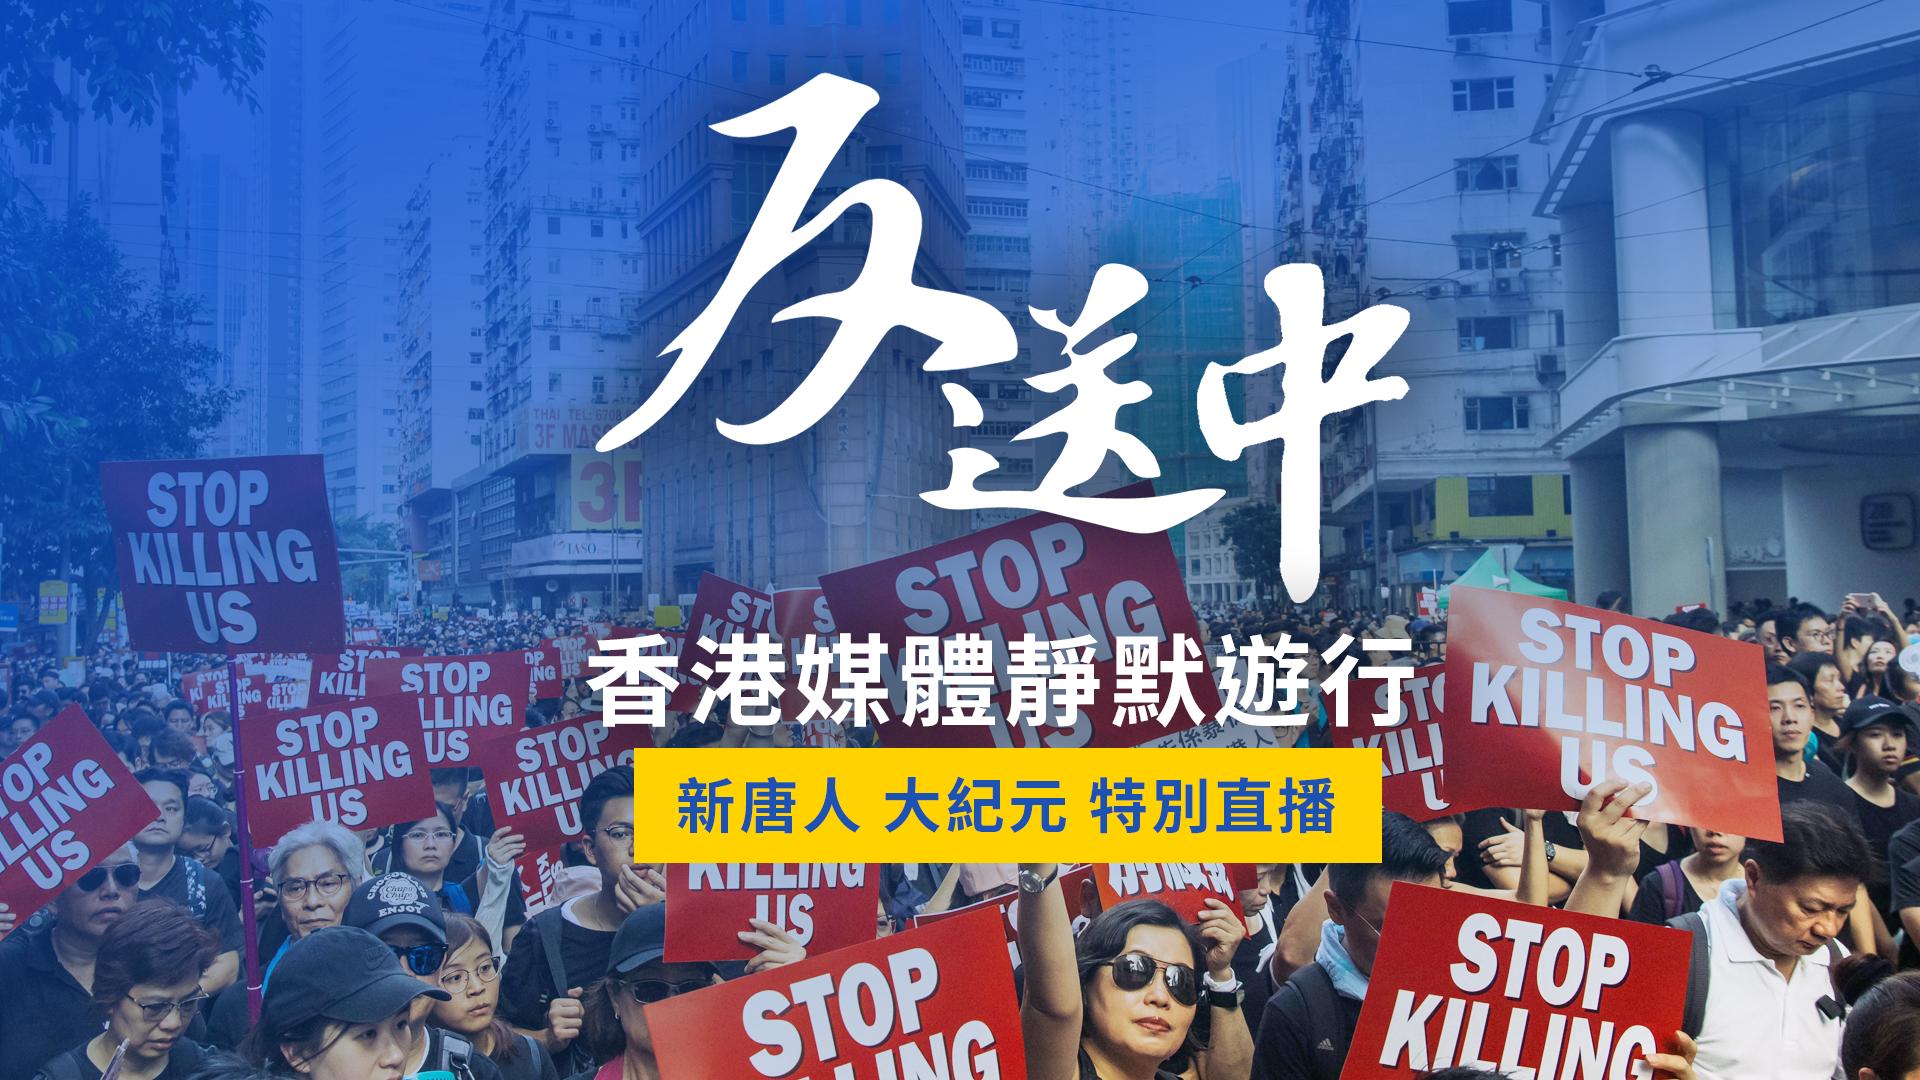 香港七個傳媒工會和組織周日(7月14日)舉辦「停止警暴 捍衛新聞自由」的新聞界靜默遊行。(大紀元)